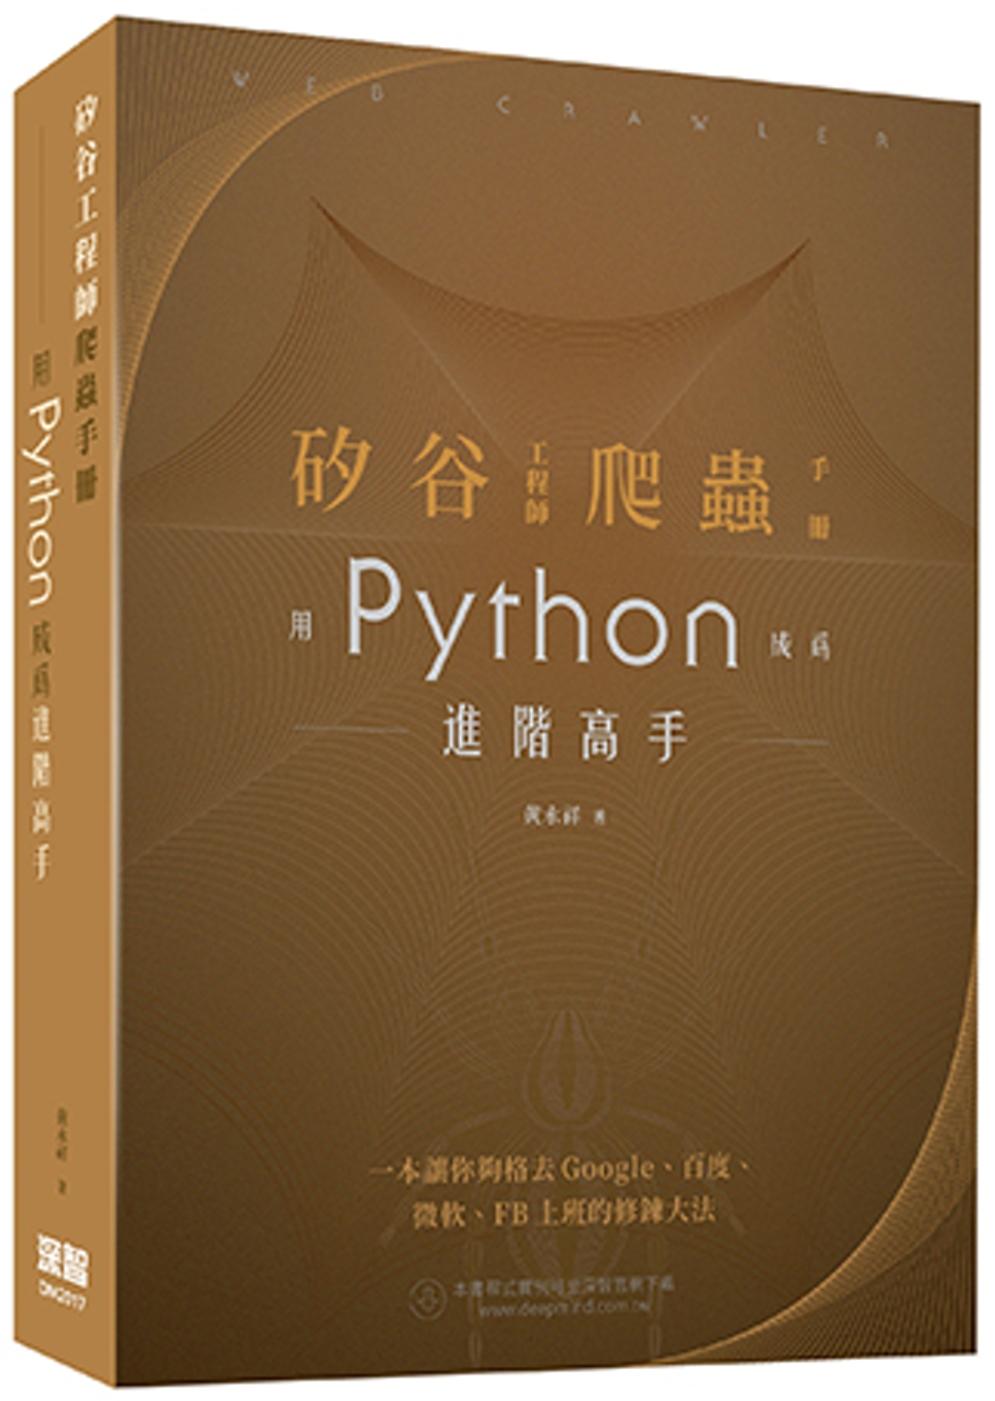 矽谷工程師爬蟲手冊:用Pyth...